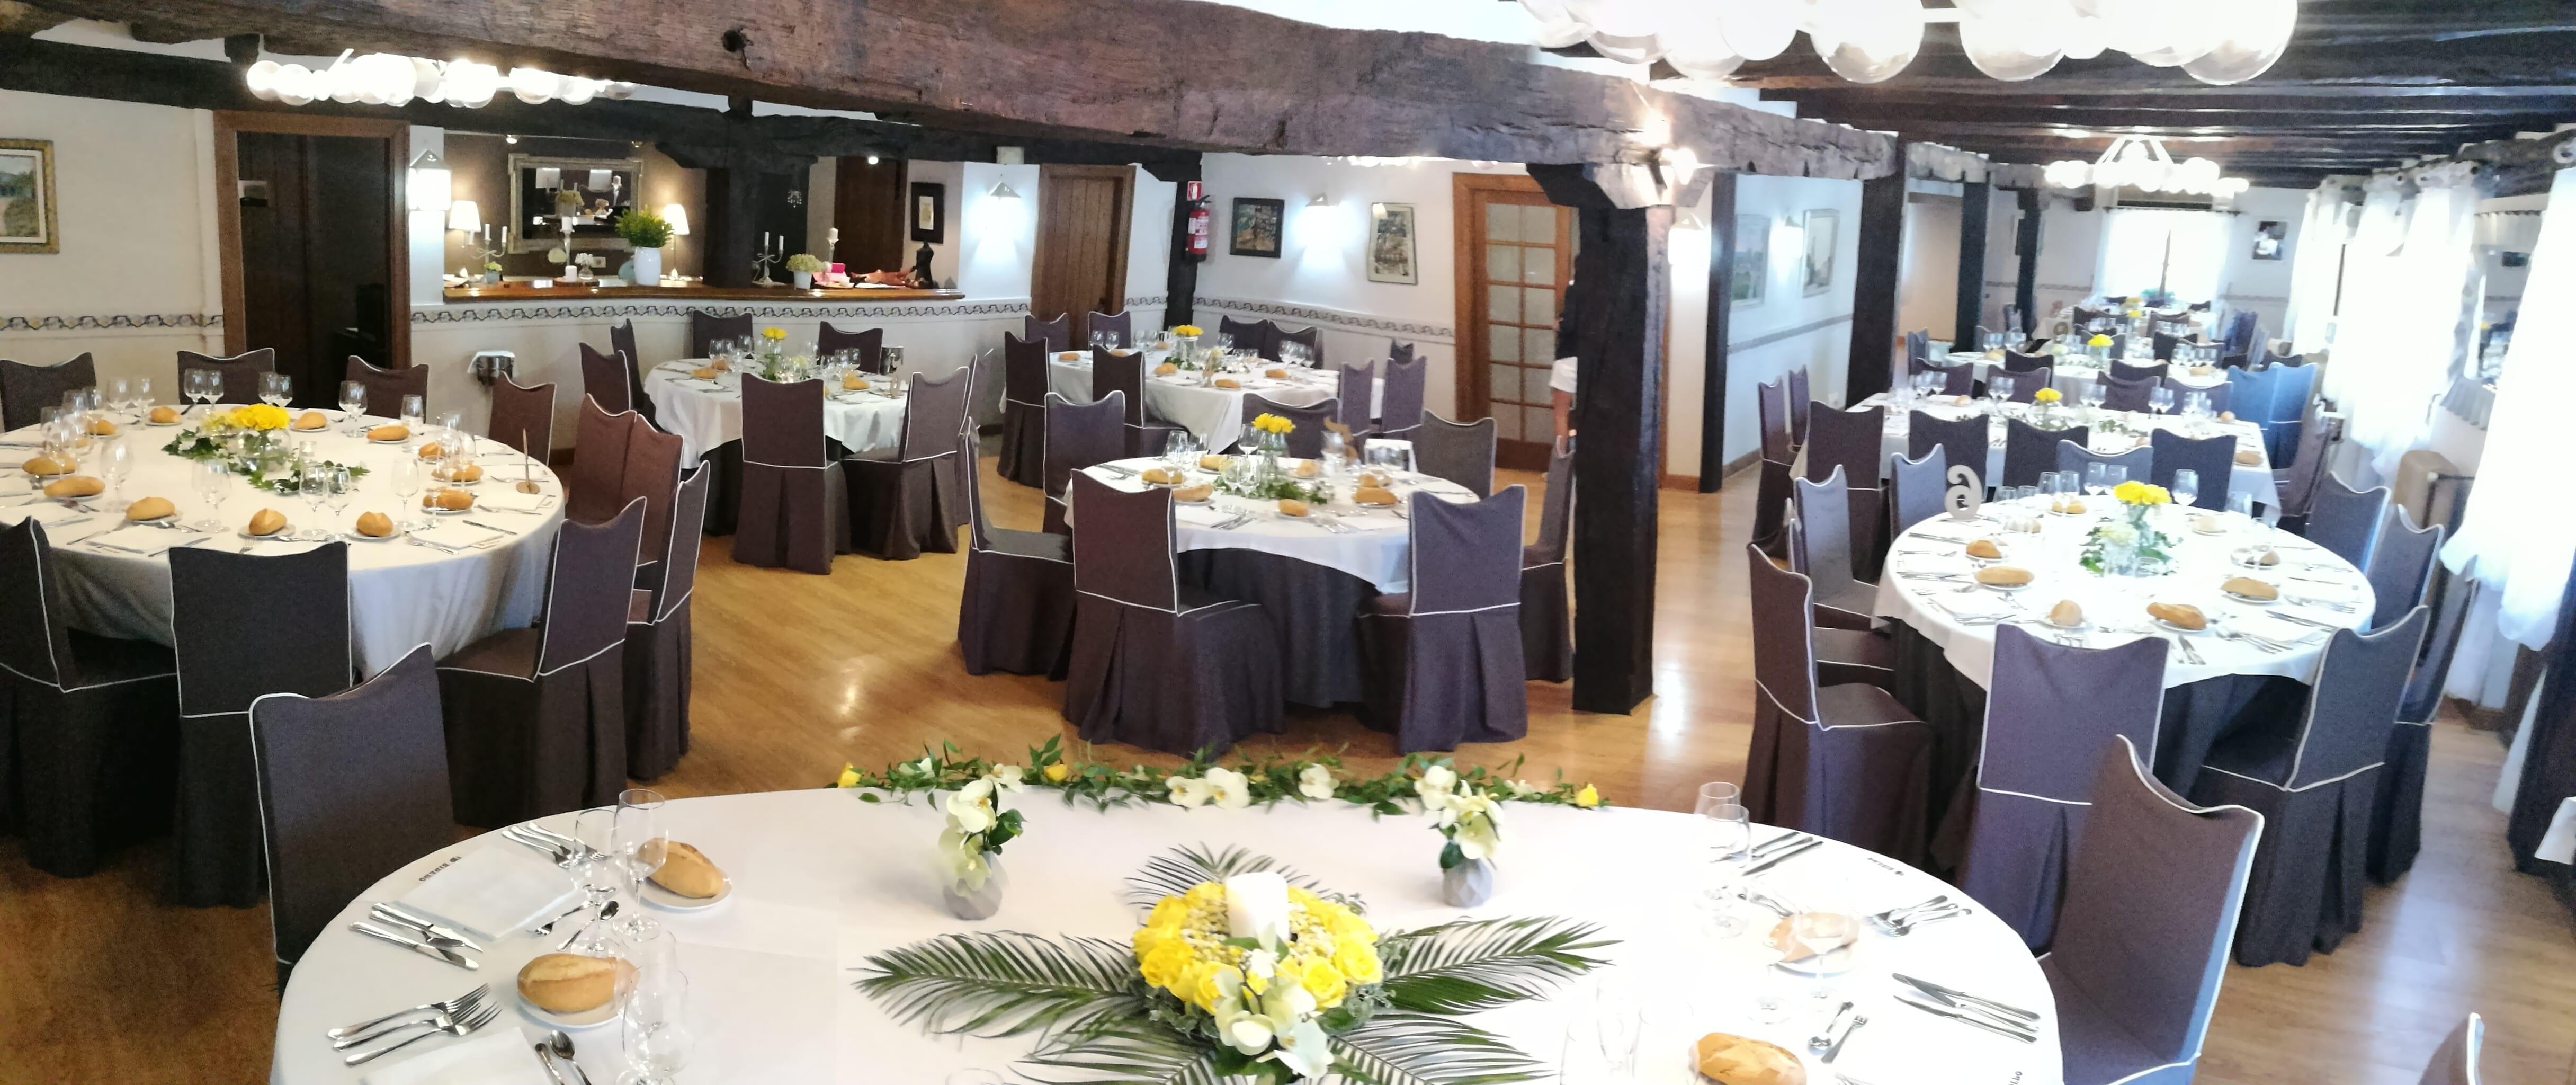 restaurante_bideko-historia-cocina_tradicional_vasca-restaurantes_vizcaya-restaurantes_alava-comer_en_euskadi-bideko-amurrio-lezama (17)